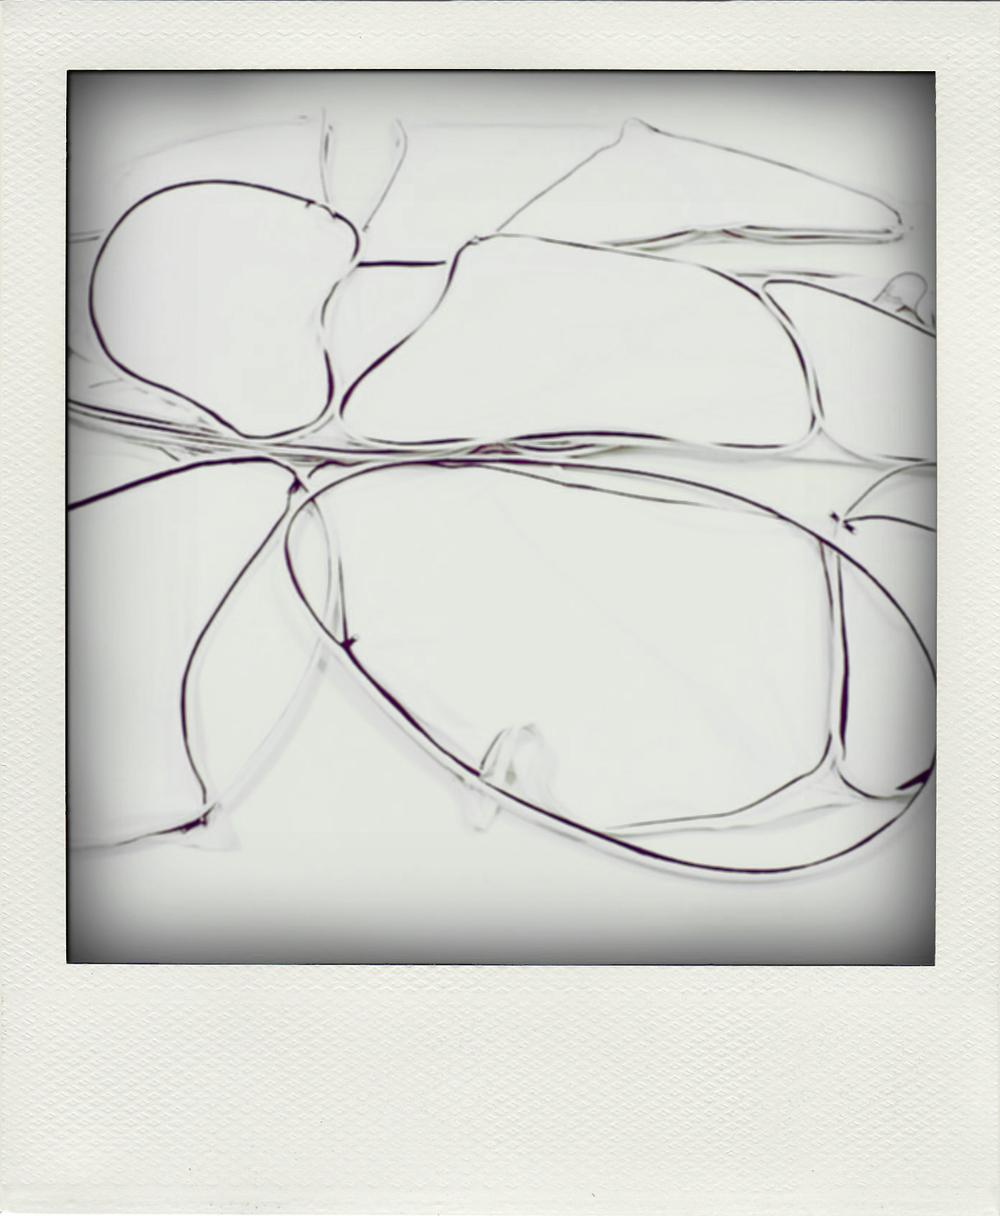 petal_05.jpg